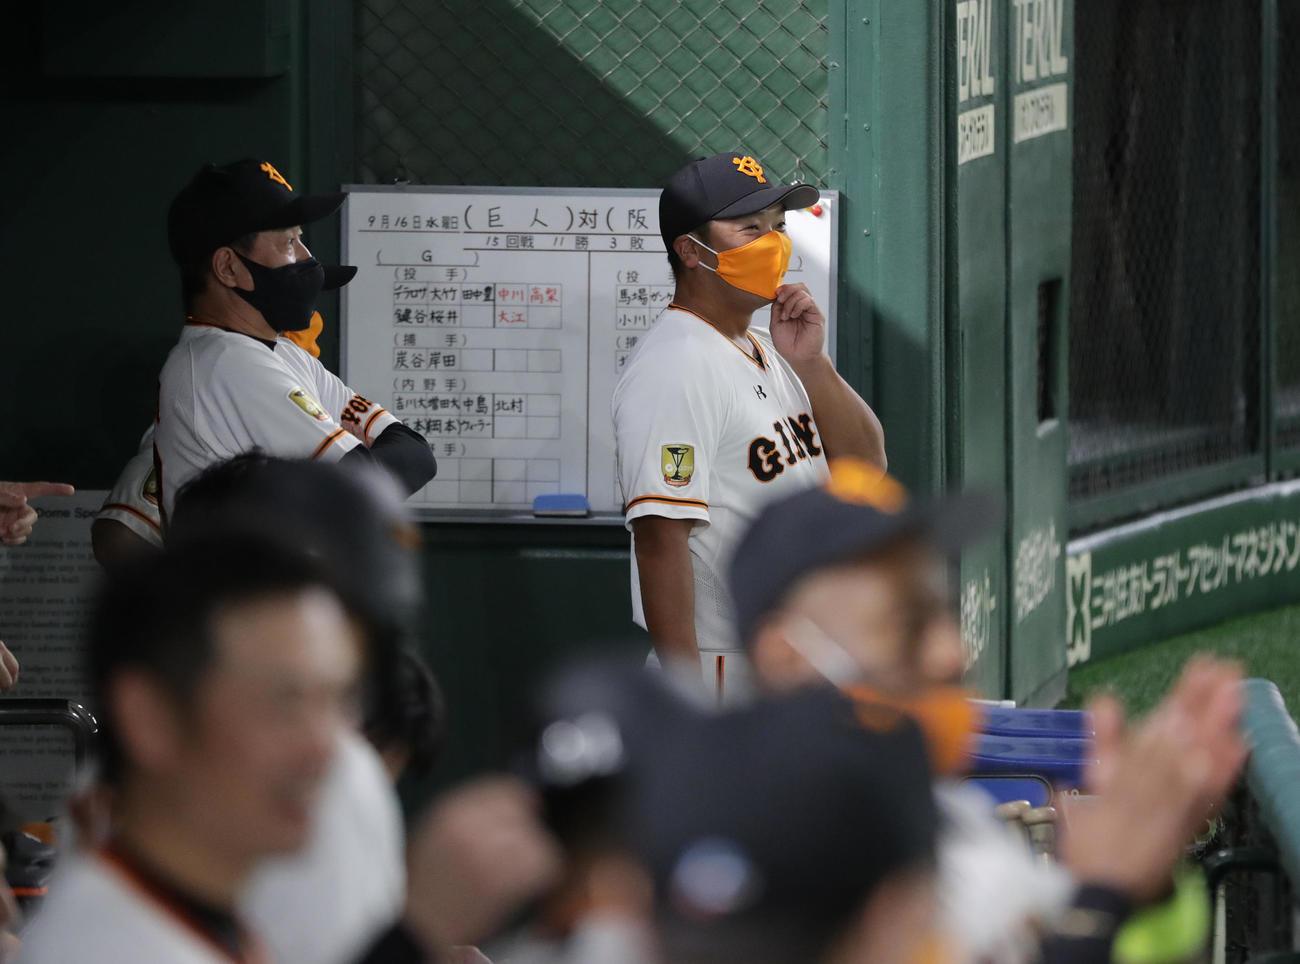 巨人対阪神 4回裏巨人1死二塁、立岡の適時打にベンチで笑顔の阿部ヘッドコーチ代行(右)。左は原監督(撮影・河野匠)